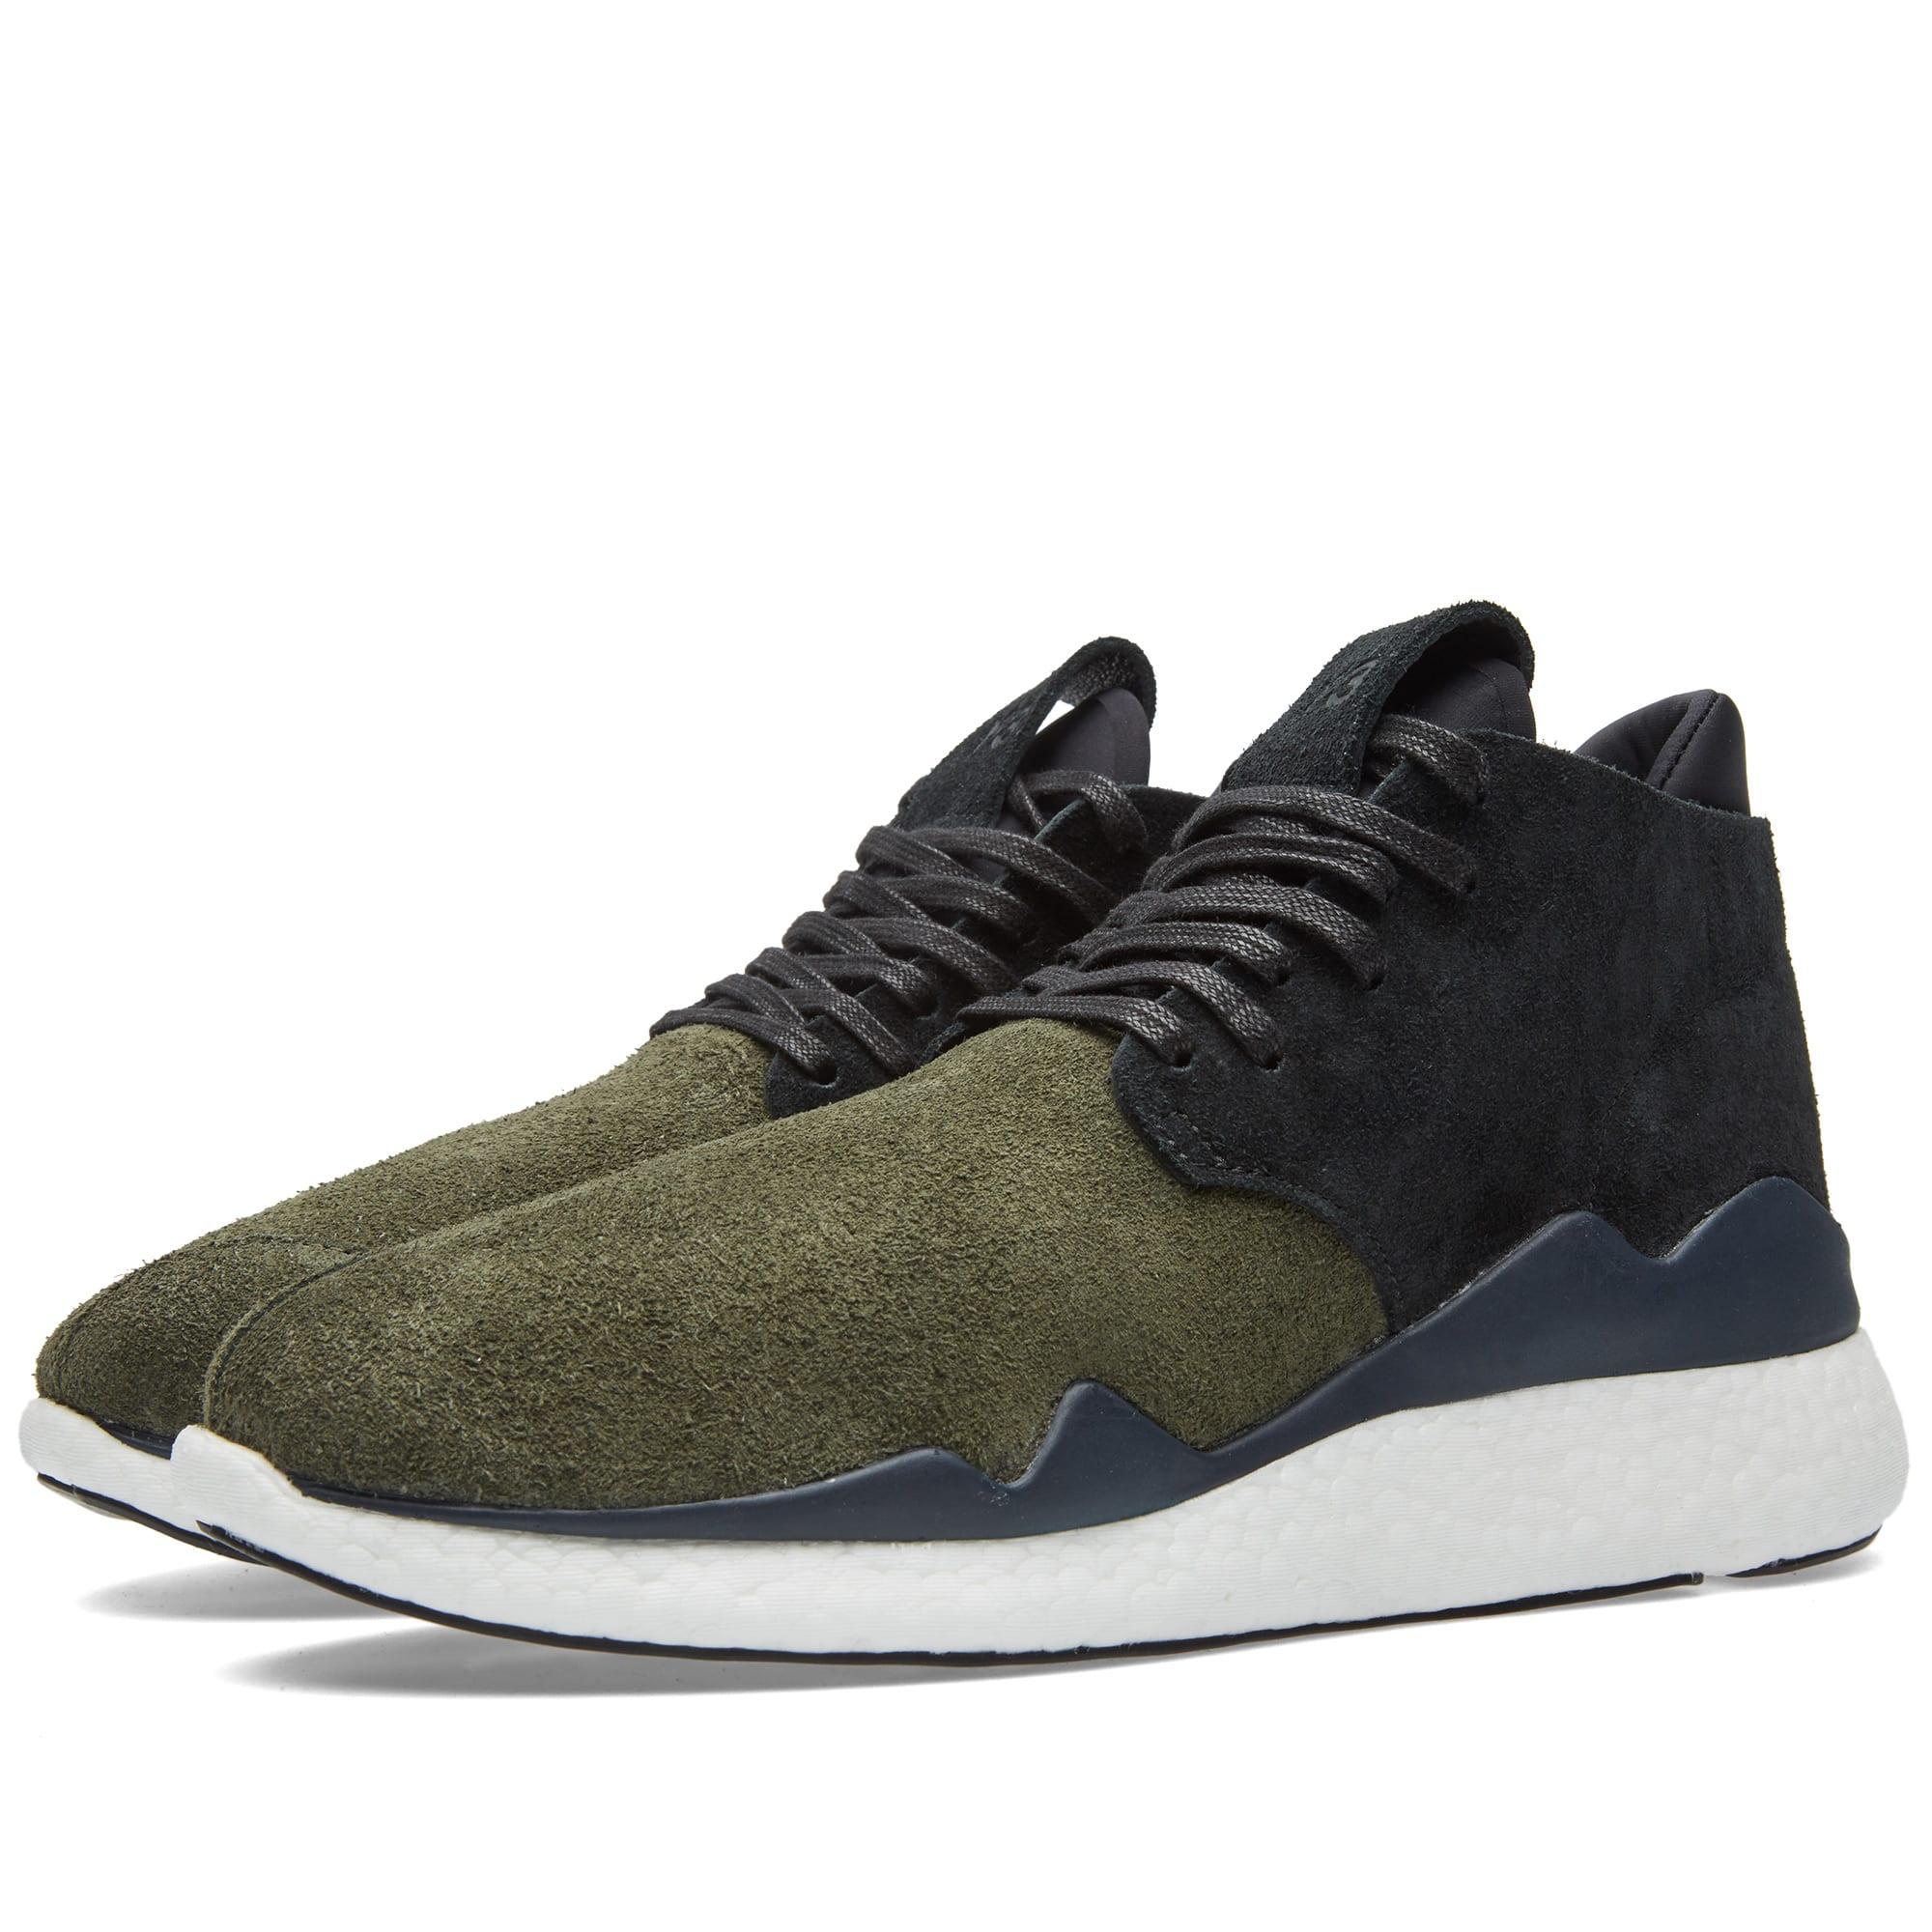 adidas Y 3 Desert Boost S83261 Sneakersnstuff | sneakers